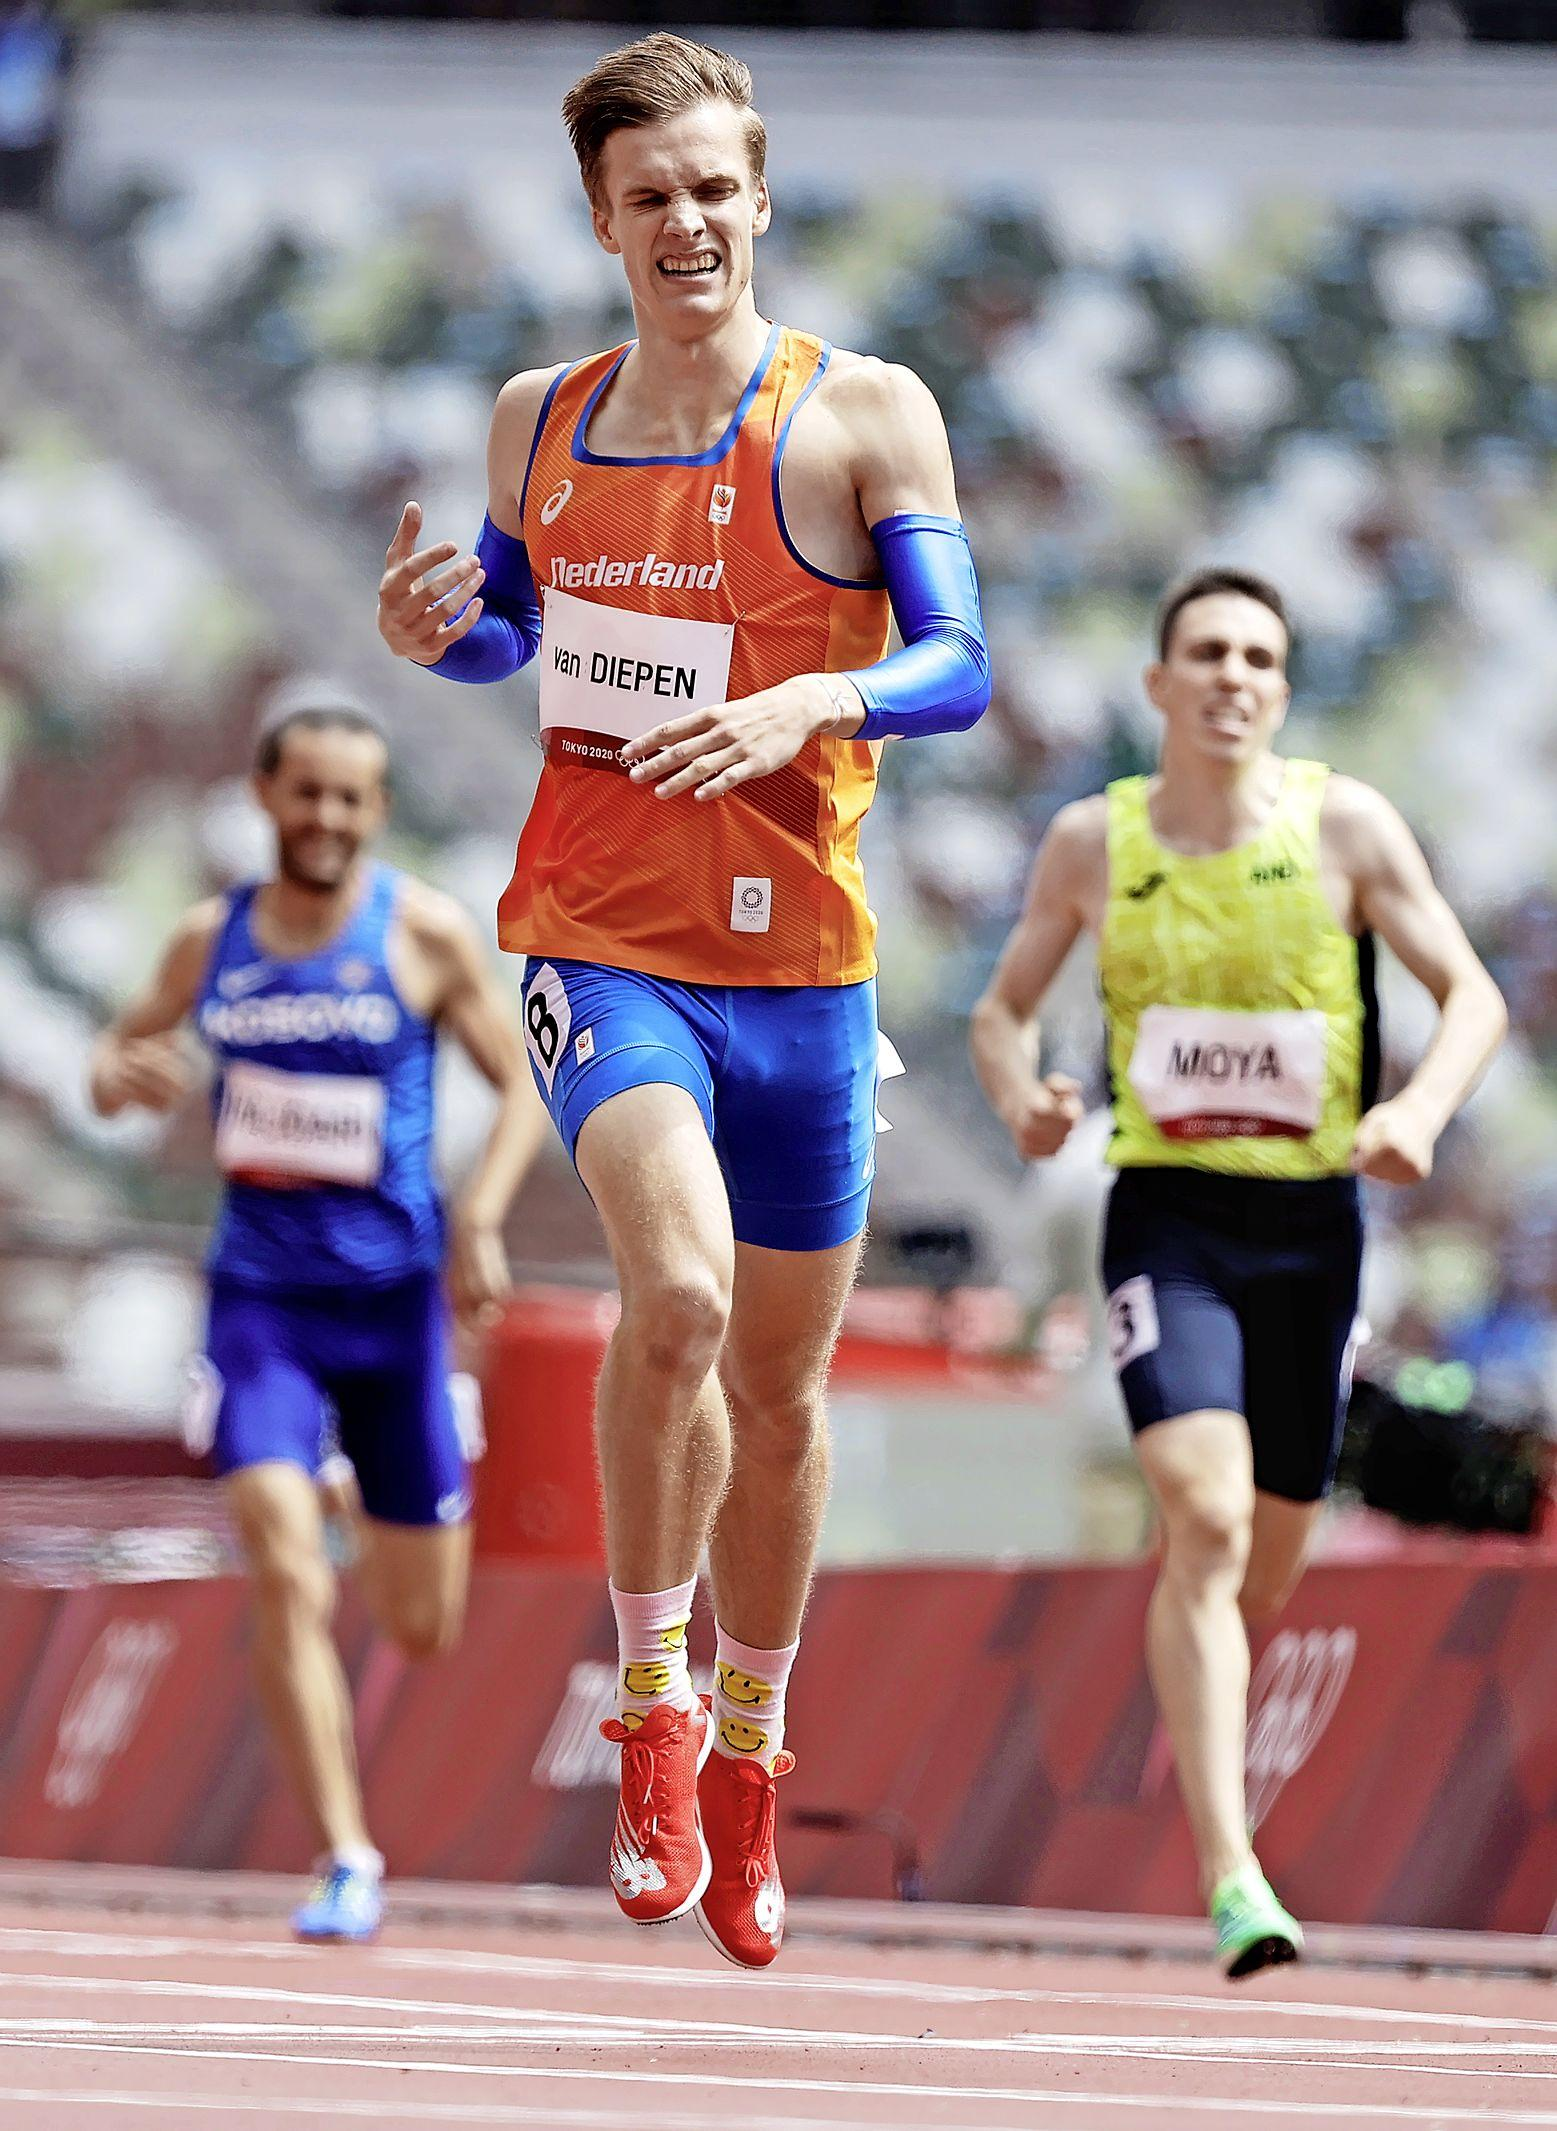 Machteloze Van Diepen mist halve finales 800 meter